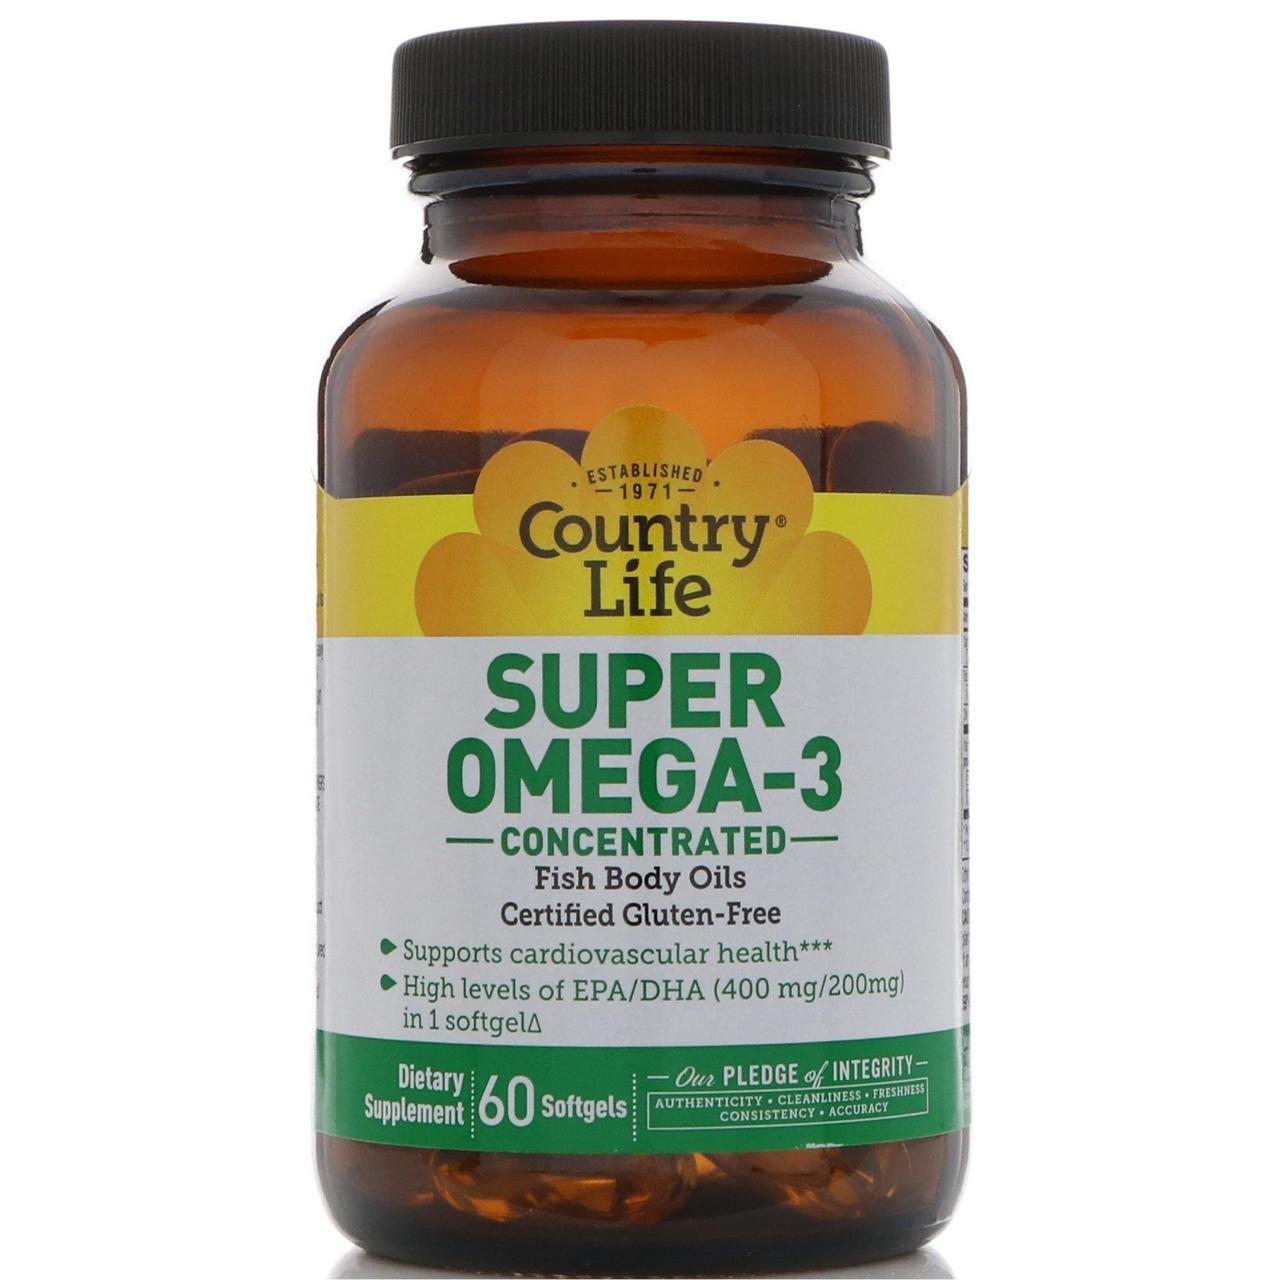 Омега-3 (концентрат), Super Omega-3, Country Life, 60 кап.